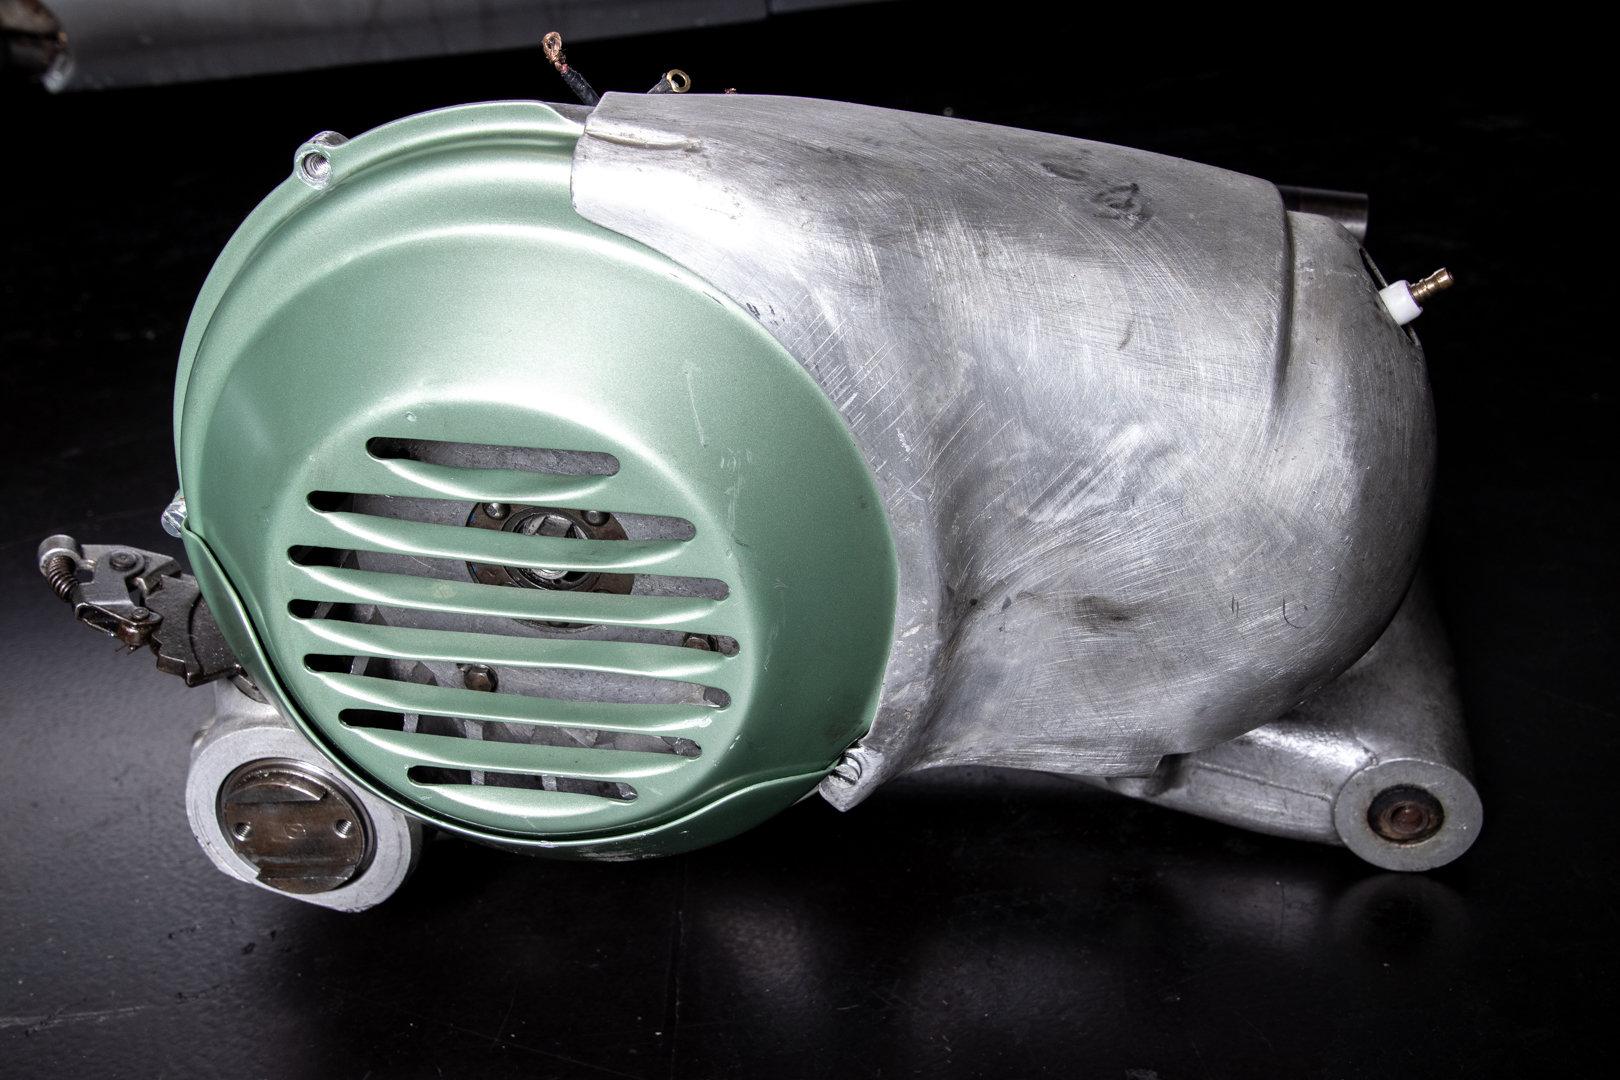 1950 Piaggio Vespa Engine For Sale (picture 6 of 8)